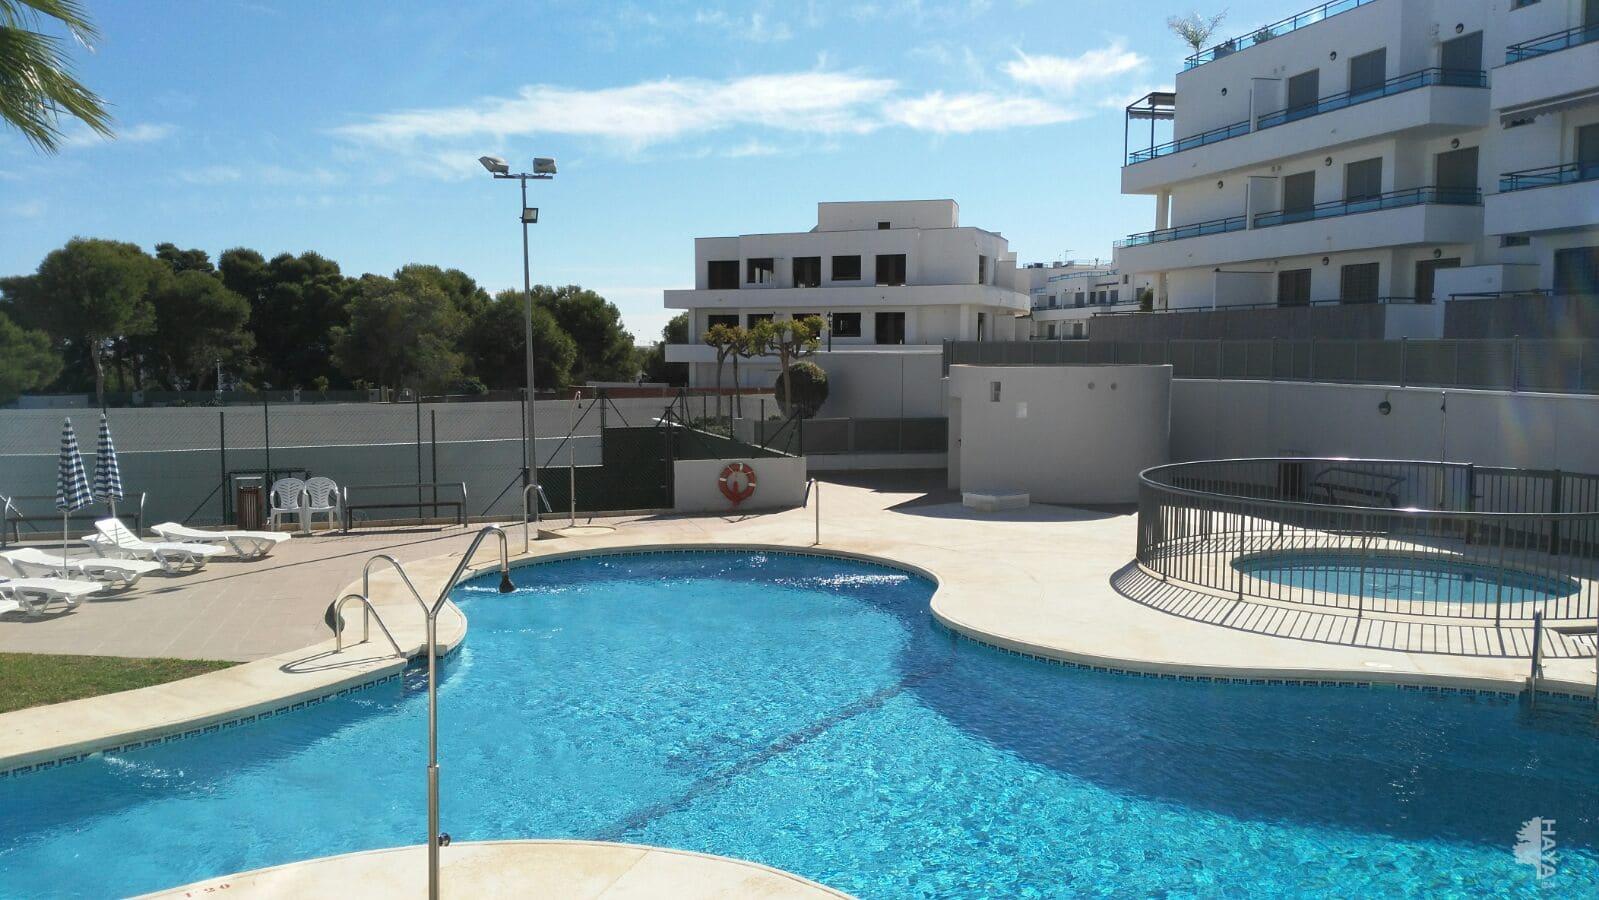 Piso en venta en Garrucha, Almería, Calle Murillo (pinar de Garrucha), B, 91.100 €, 2 habitaciones, 2 baños, 82 m2